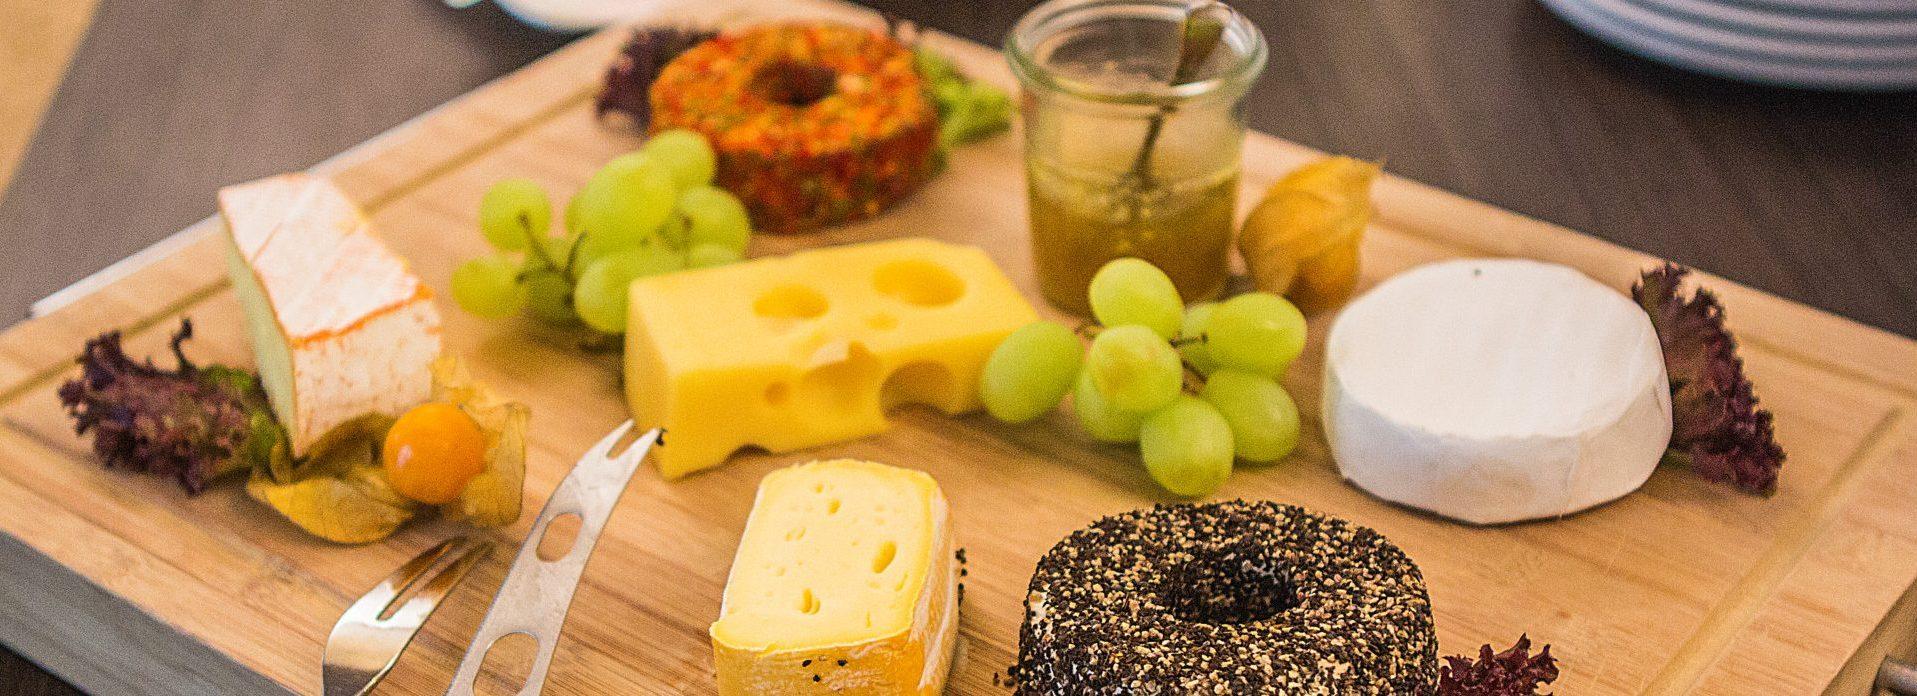 Käseplatte beim Frühstückbüffet im Parkhotel Ahrbergen